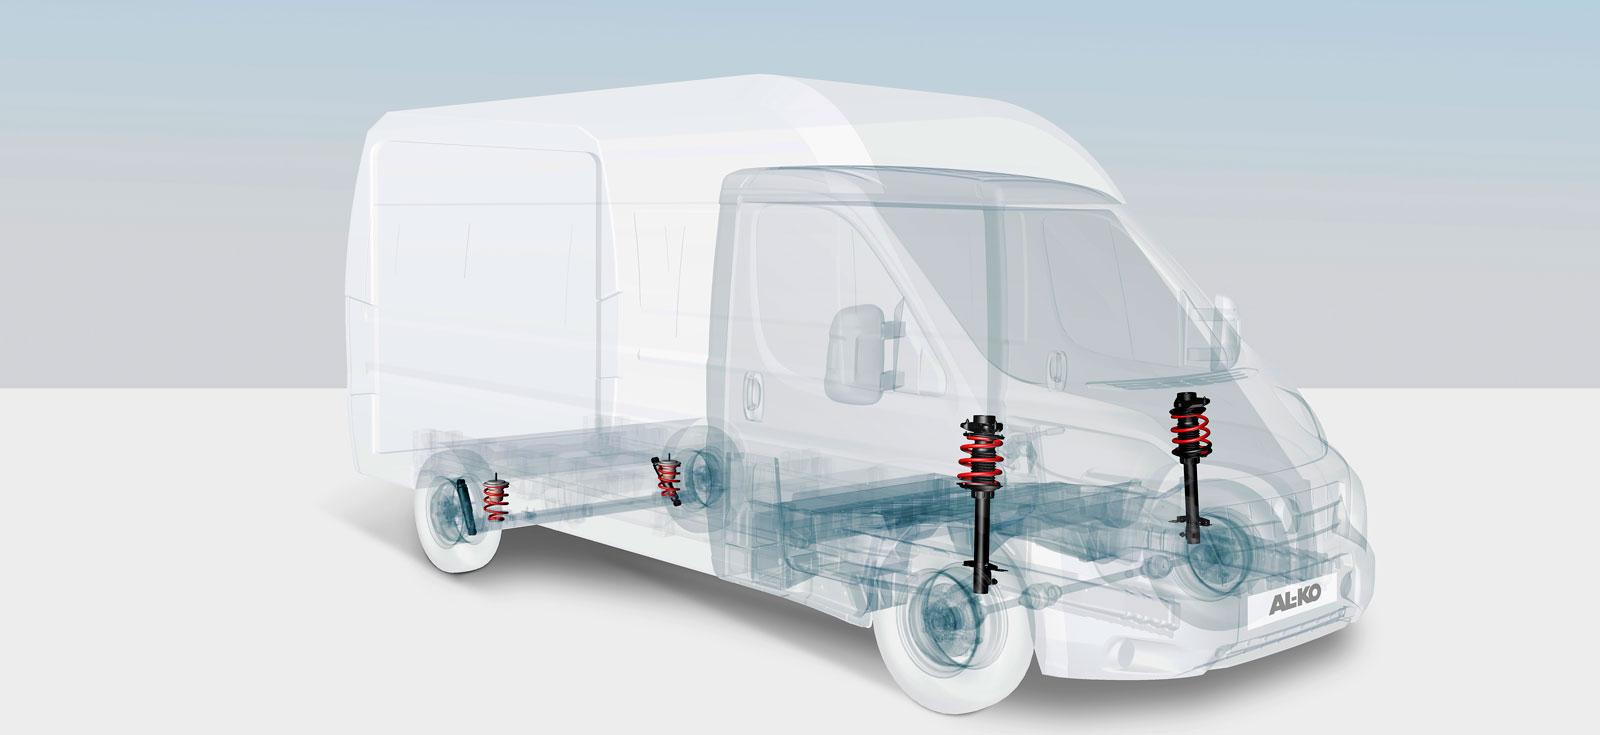 AL-KO ACS och ARS fjädringskomponenter går att köpa även till begagnade Fiat Ducato, Peugeot Boxer och Citroën Jumper plåtisar om de tillverkats 2007 och senare. Framfjädringen ACS finns även till halv- och helintegrerade husbilsmodeller.